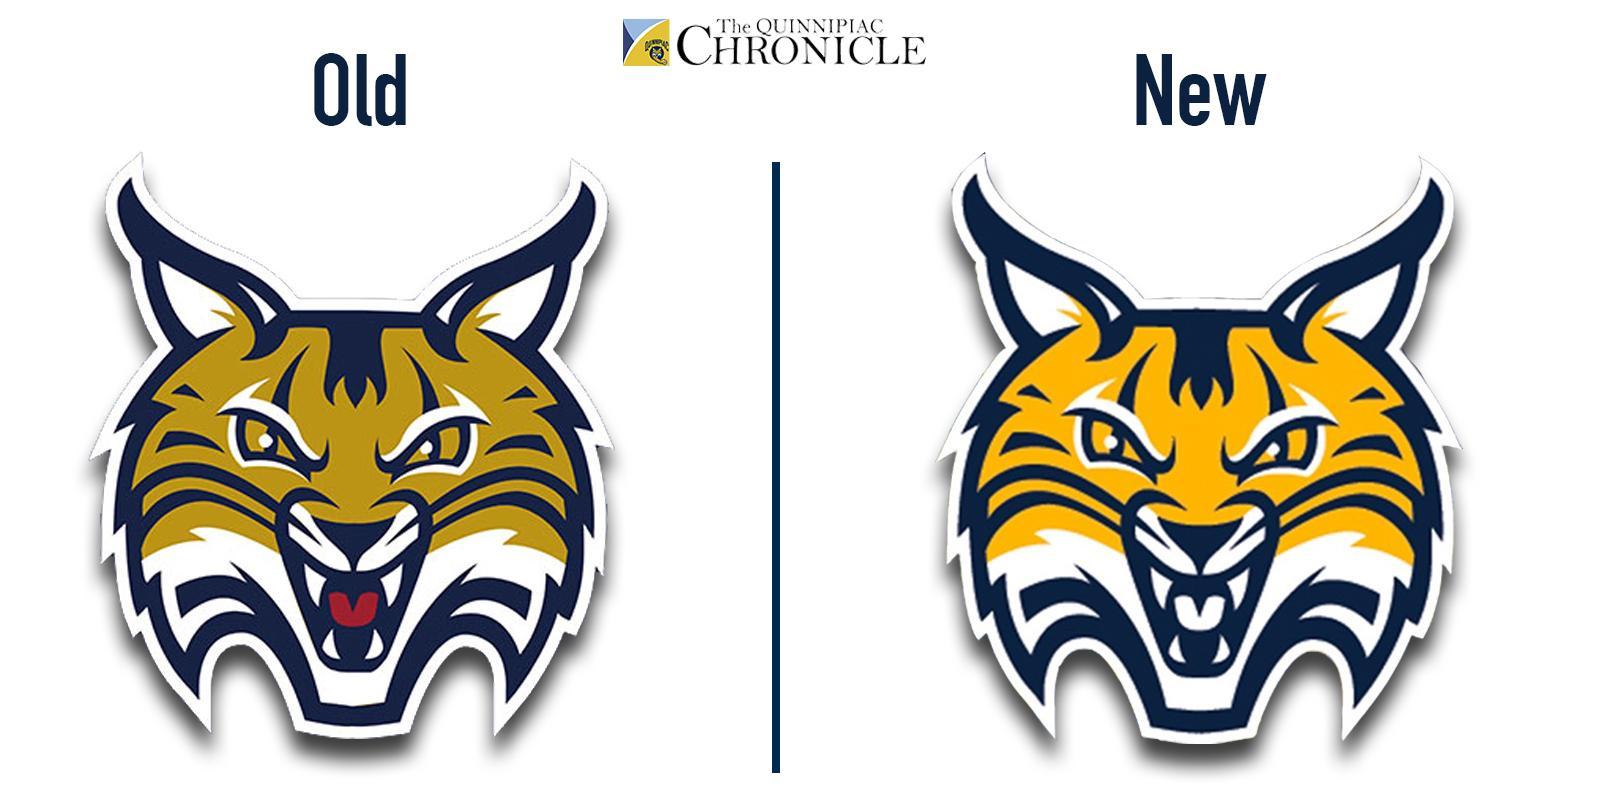 Quinnipiac Athletics Alters The Bobcat Logo The Quinnipiac Chronicle